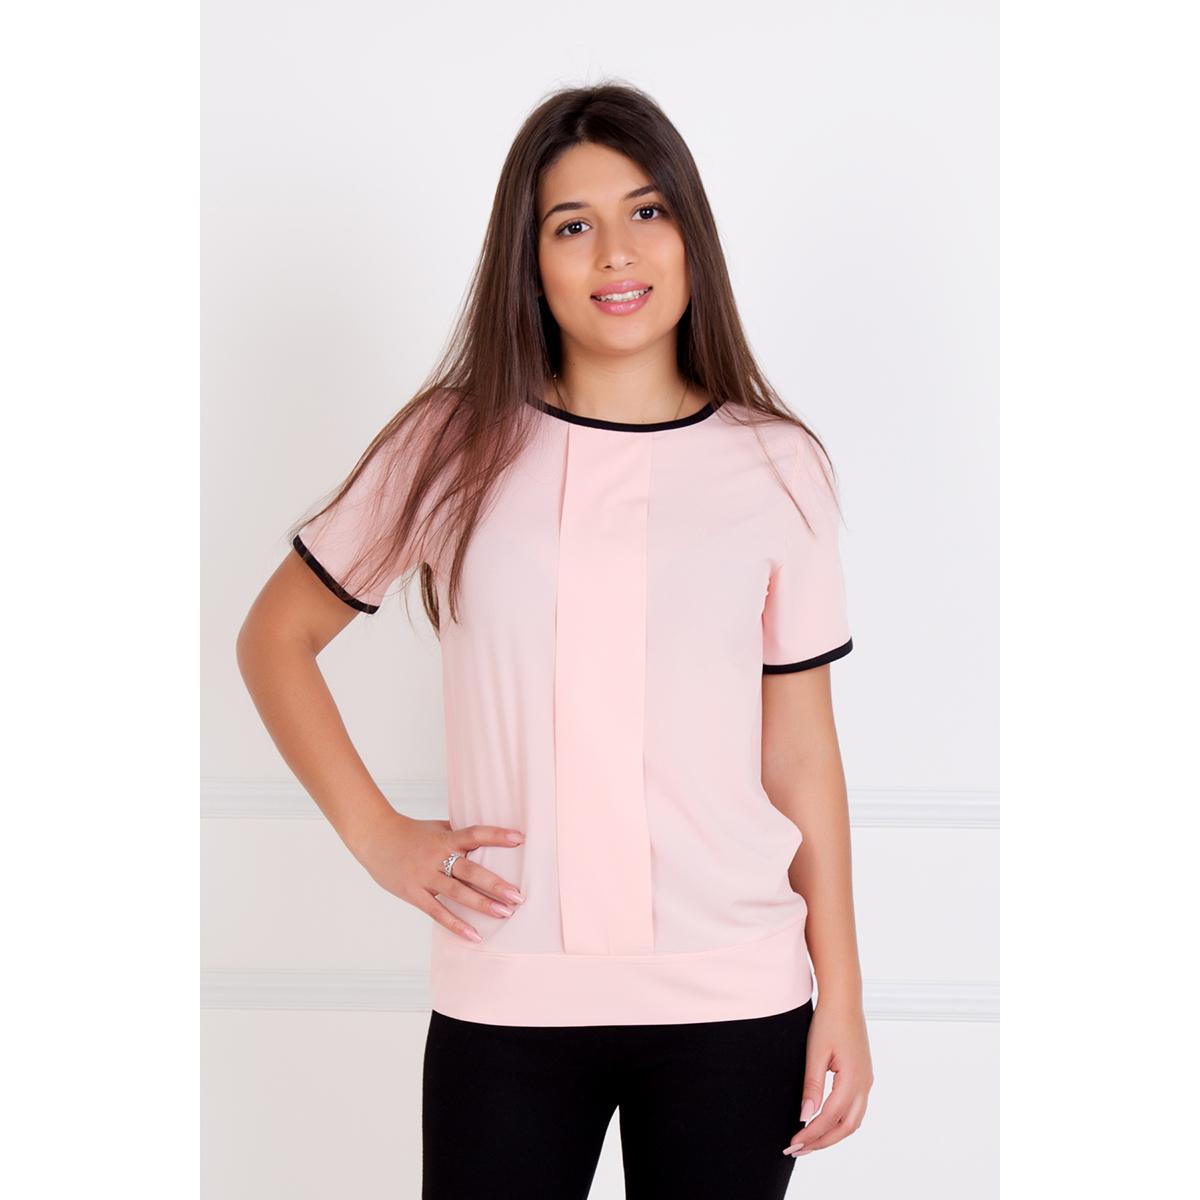 Женская блуза Кира Персиковый, размер 54Блузки, майки, кофты<br>Обхват груди:108 см<br>Обхват талии:88 см<br>Обхват бедер:116 см<br>Рост:167 см<br><br>Тип: Жен. блуза<br>Размер: 54<br>Материал: Креп